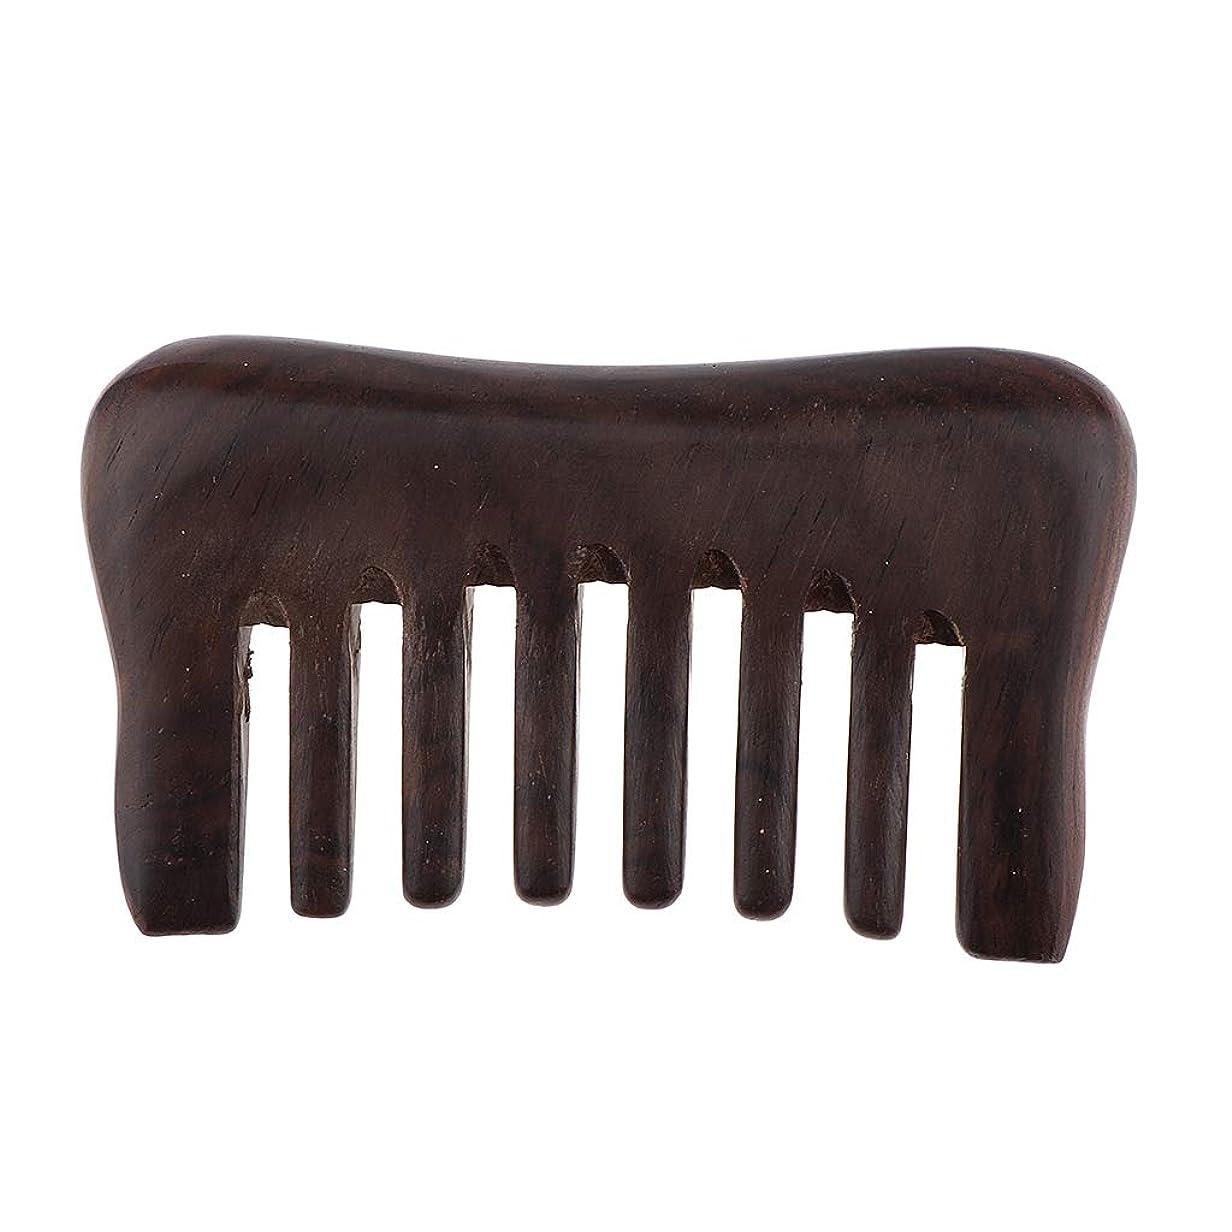 固体抹消腹部F Fityle ヘアコーム 木製櫛 頭皮マッサージ ヘアブラシ 3色選べ - 黒檀